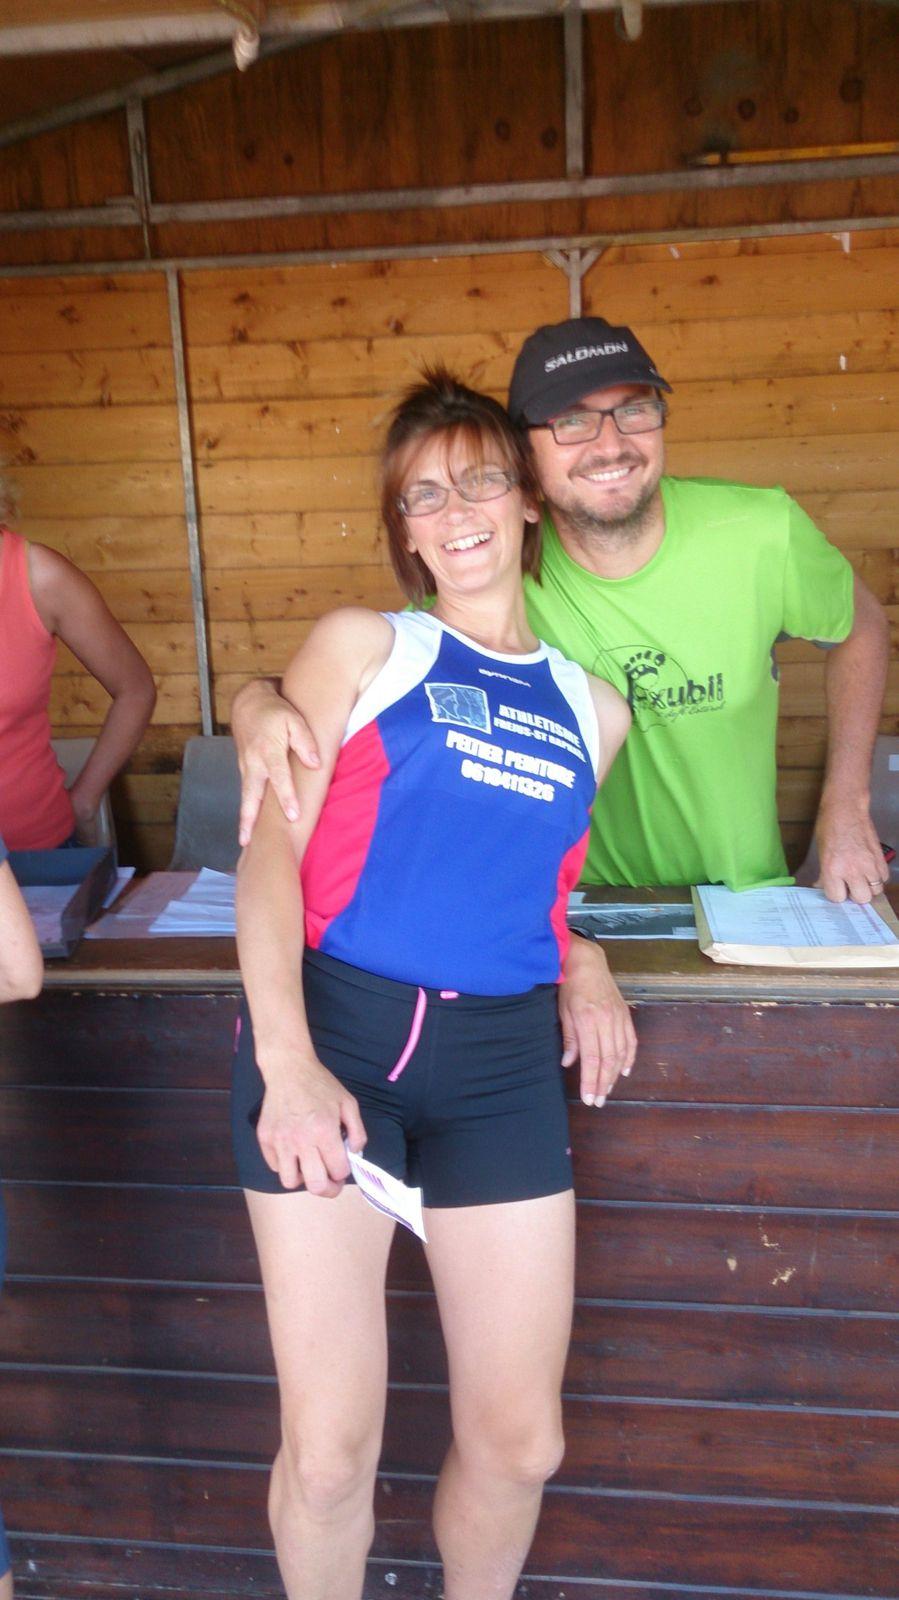 """Nos athlètes ont pris la pose avec les nouveaux maillots """"Camille PELTIER"""" et se sont élancés sur la piste comme des avions."""